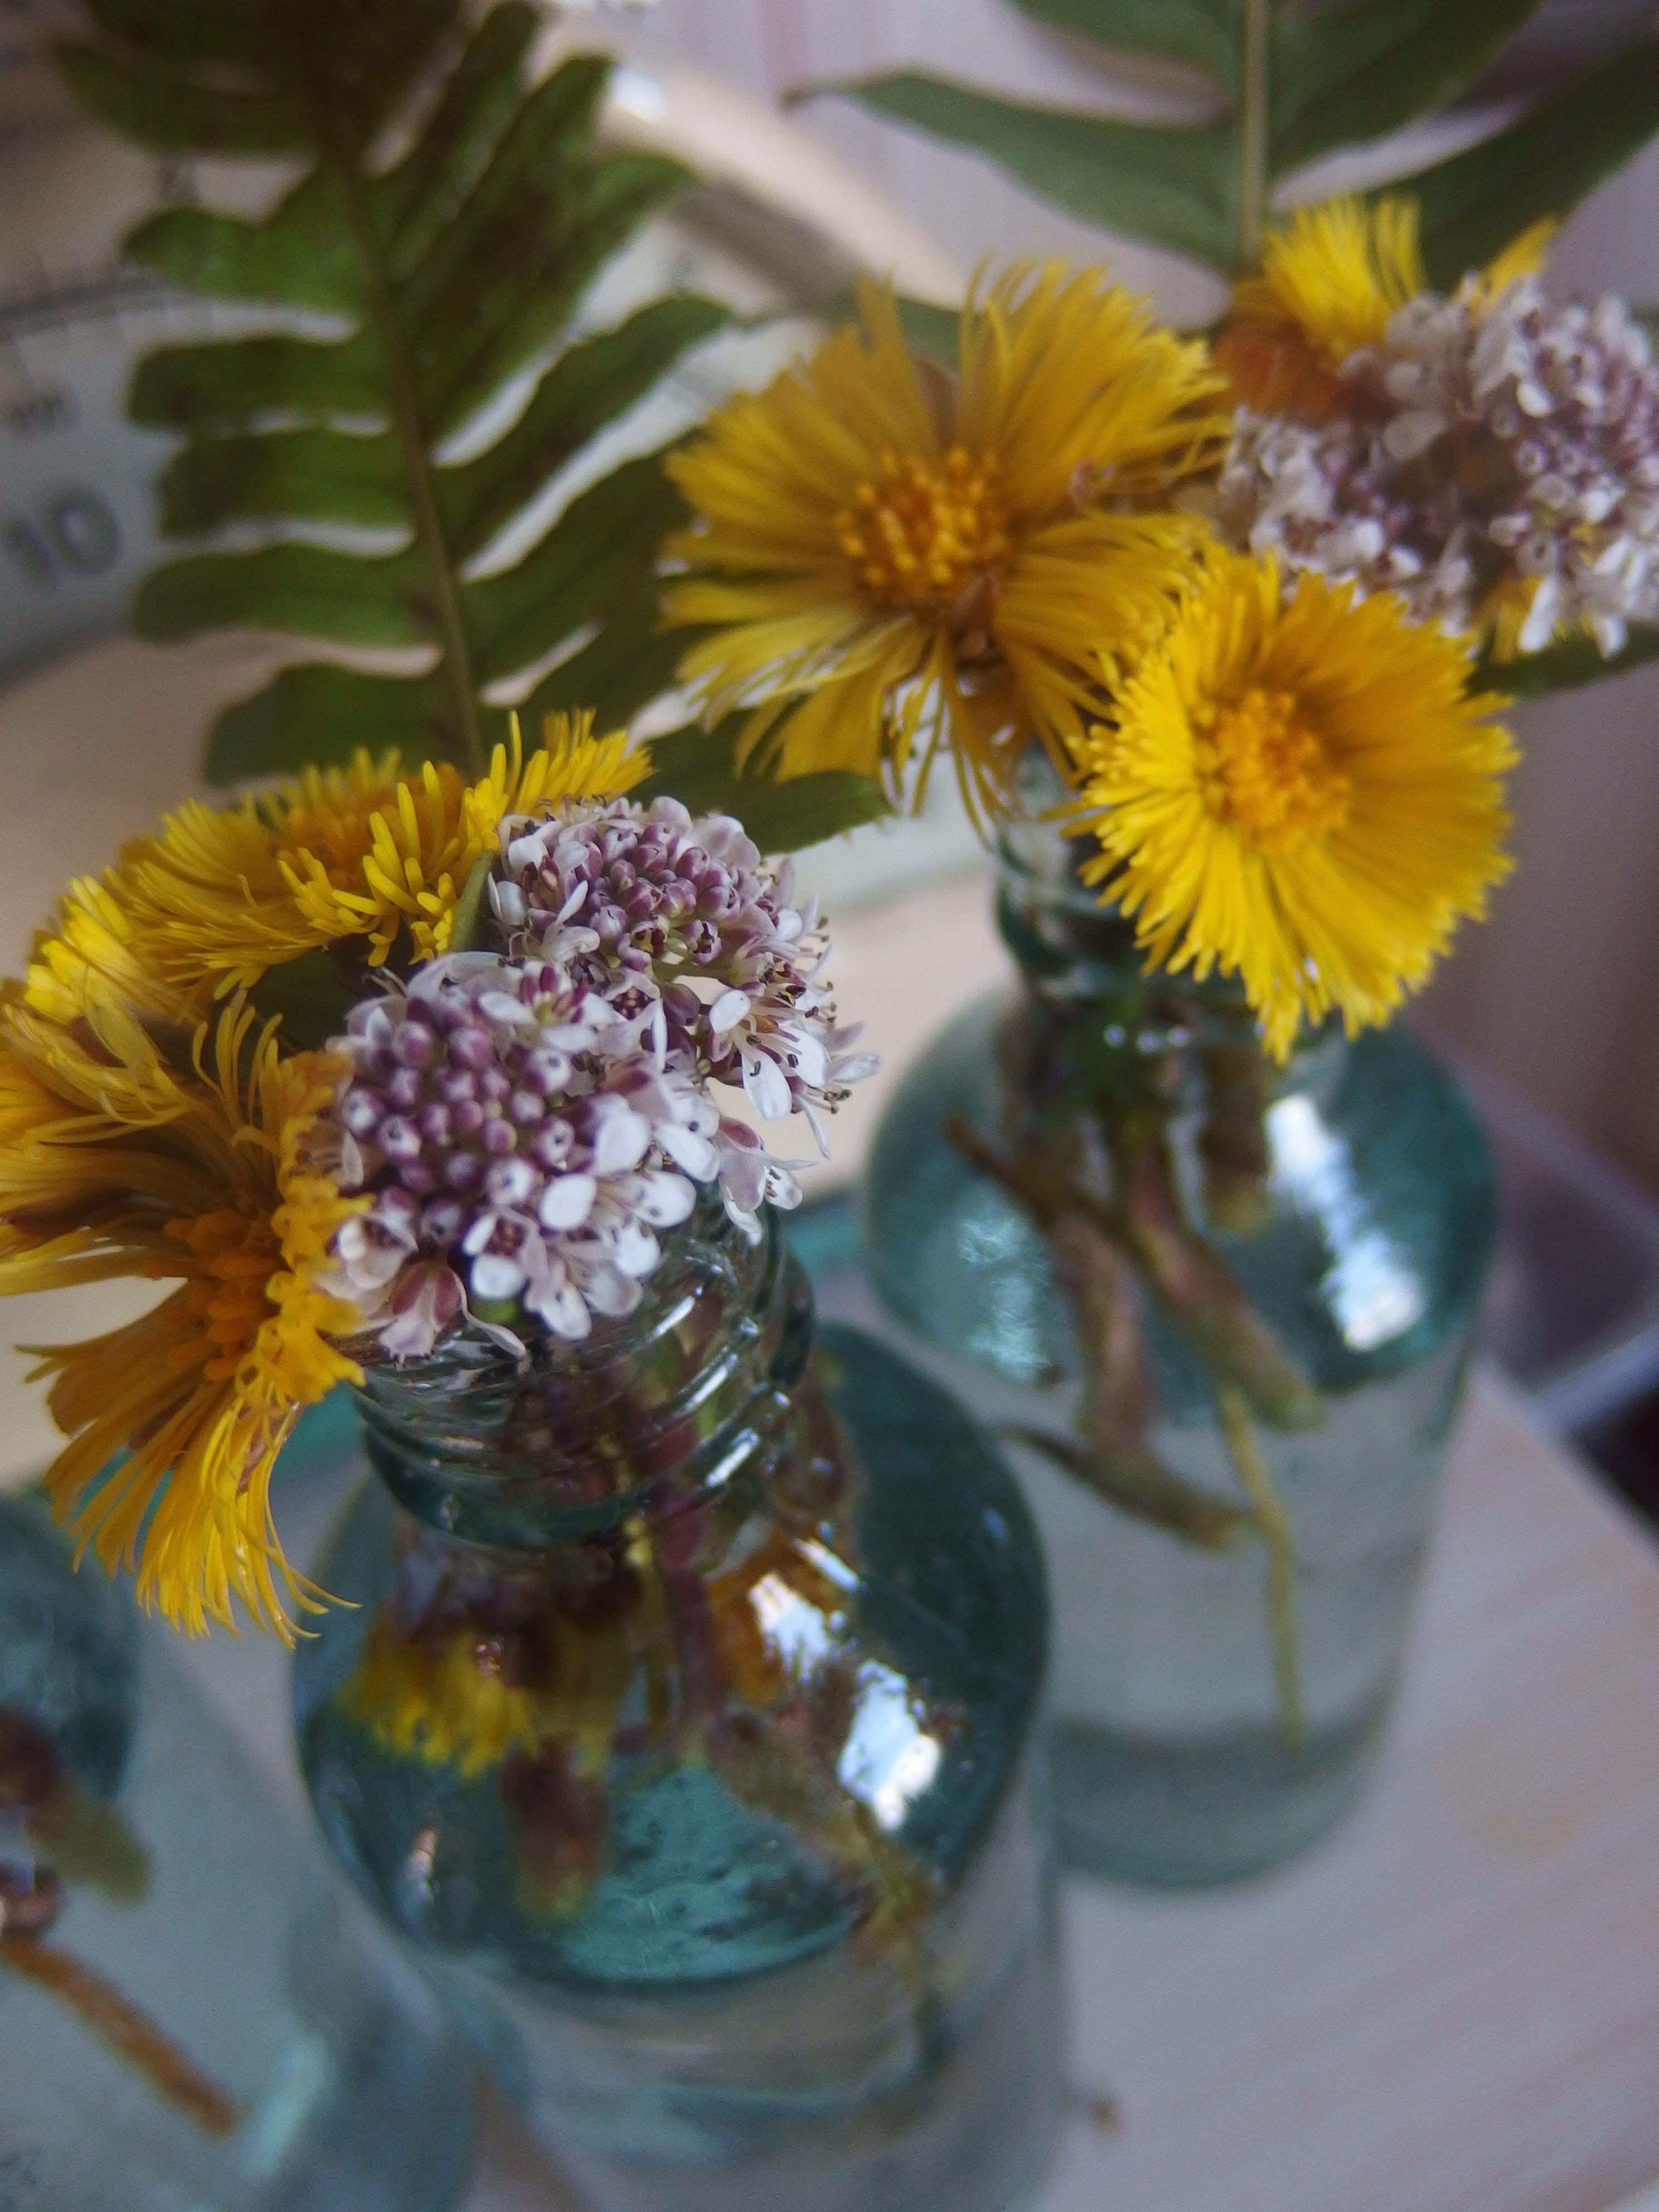 kevään ensimmäiset, taskuruoho ja leskenlehti